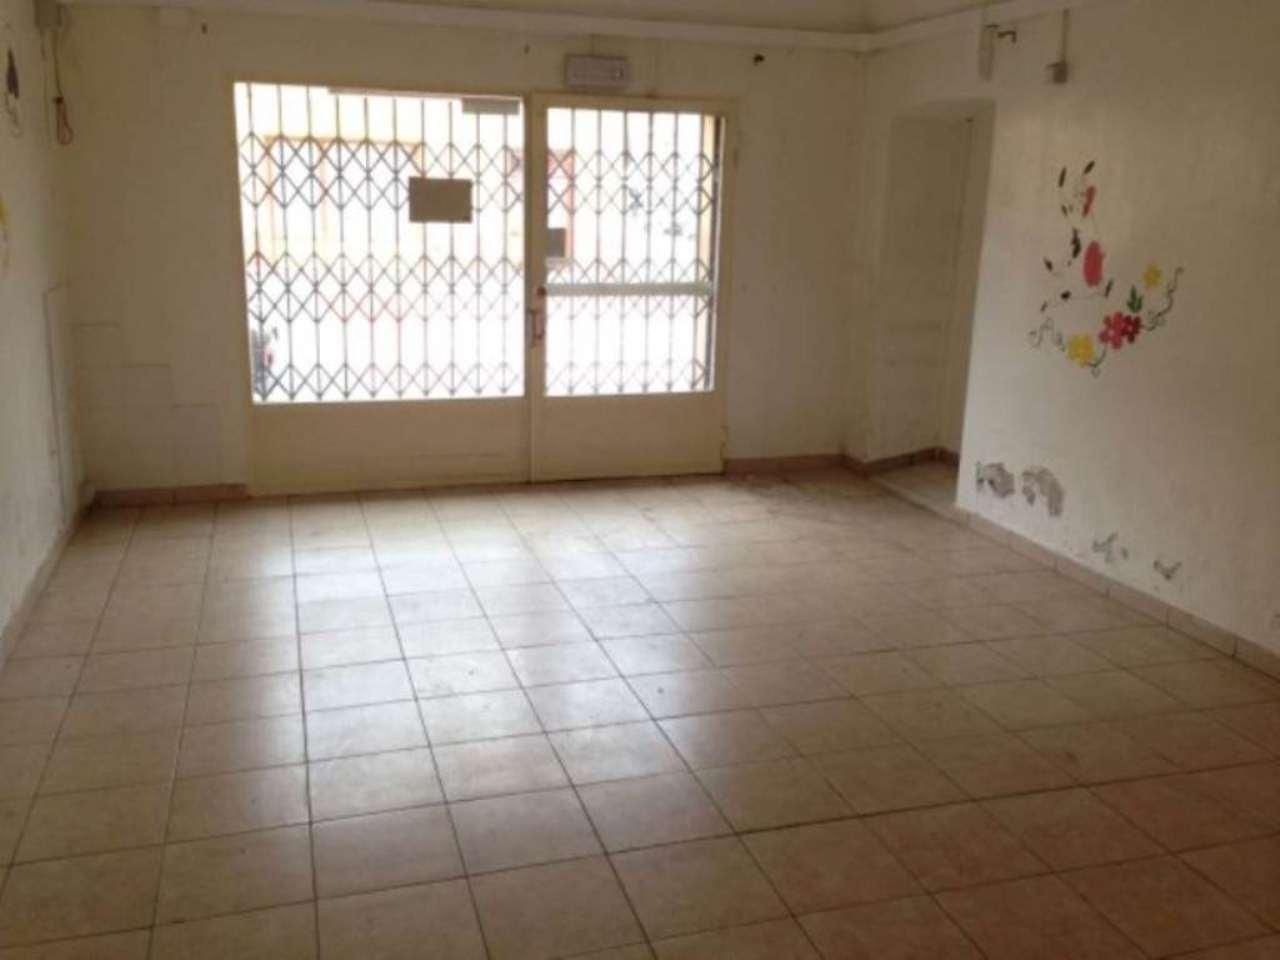 Negozio / Locale in affitto a Buttigliera Alta, 2 locali, prezzo € 650 | CambioCasa.it